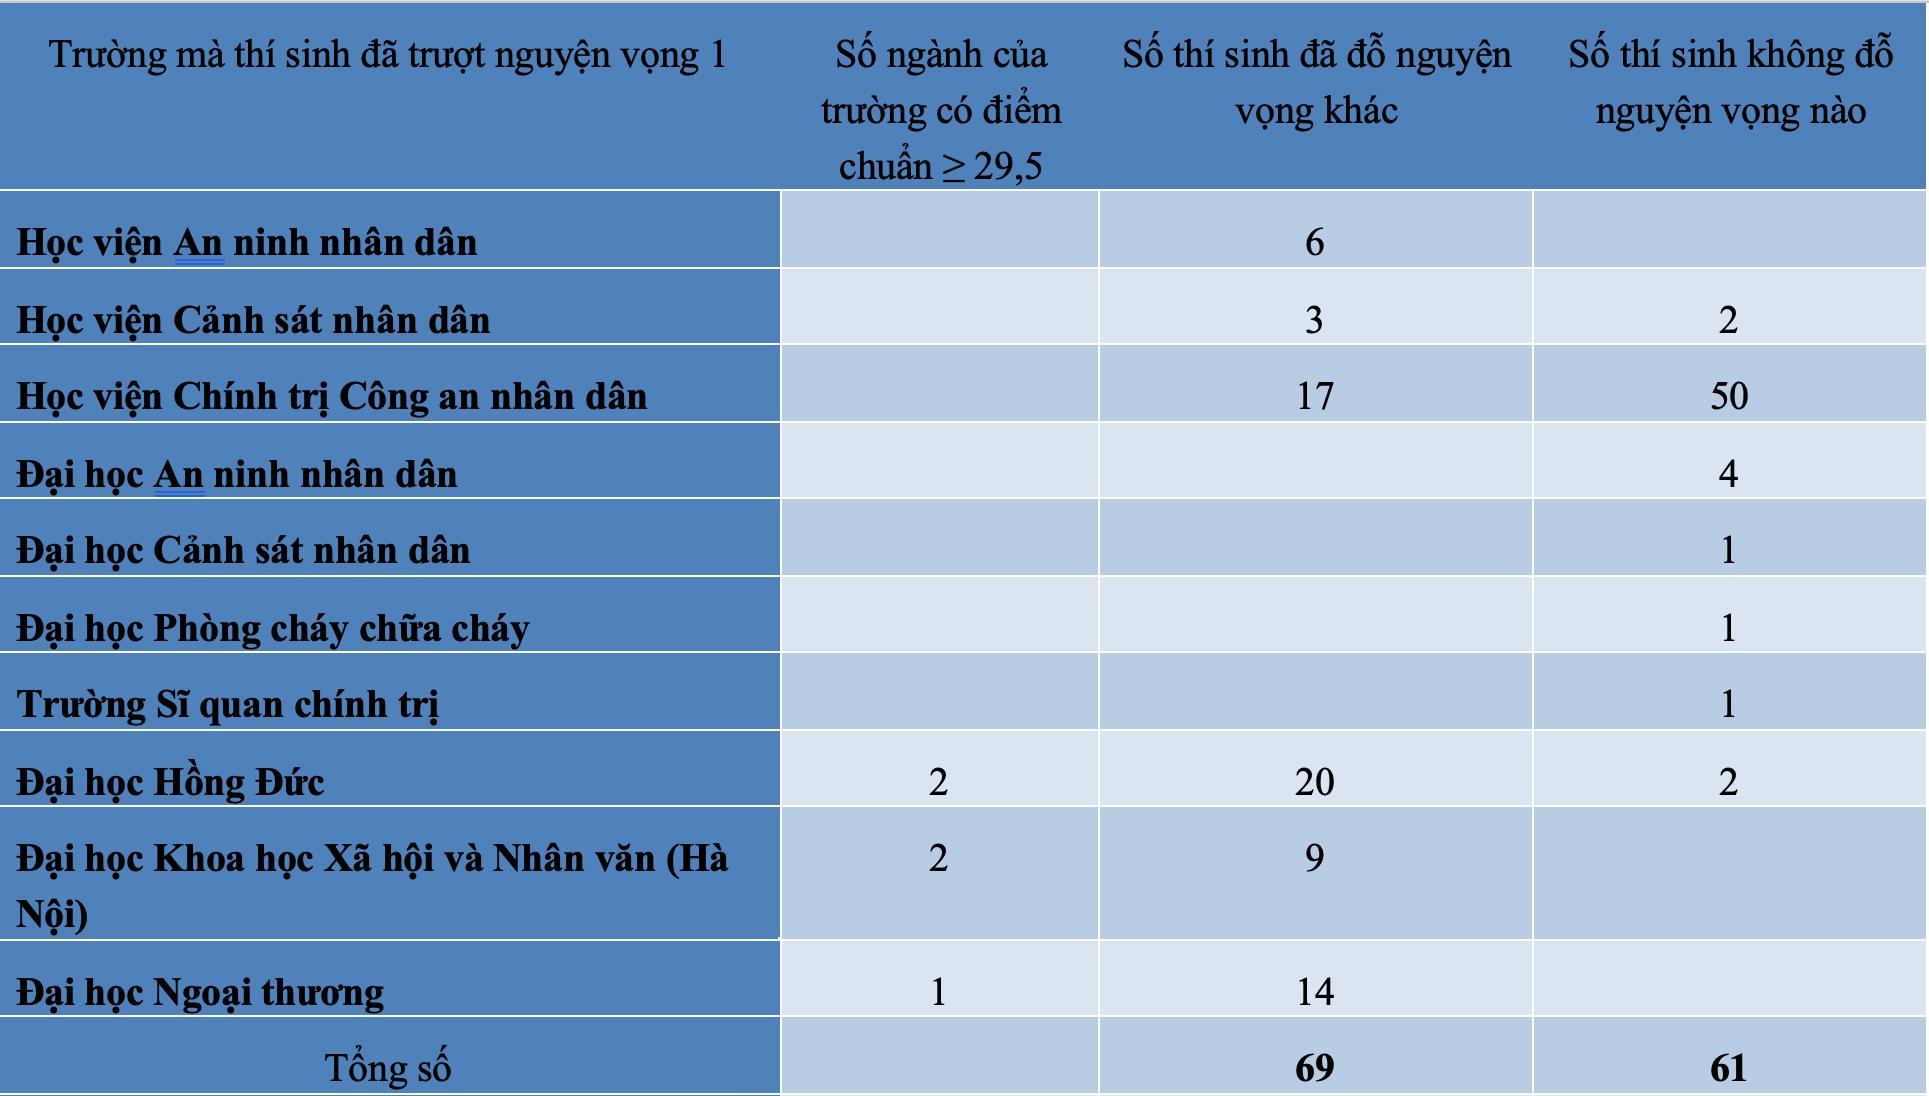 diem chuan dai hoc 2021 co bao nhieu thi sinh tu 29 5 diem tro len khong do nguyen vong nao dspl 1